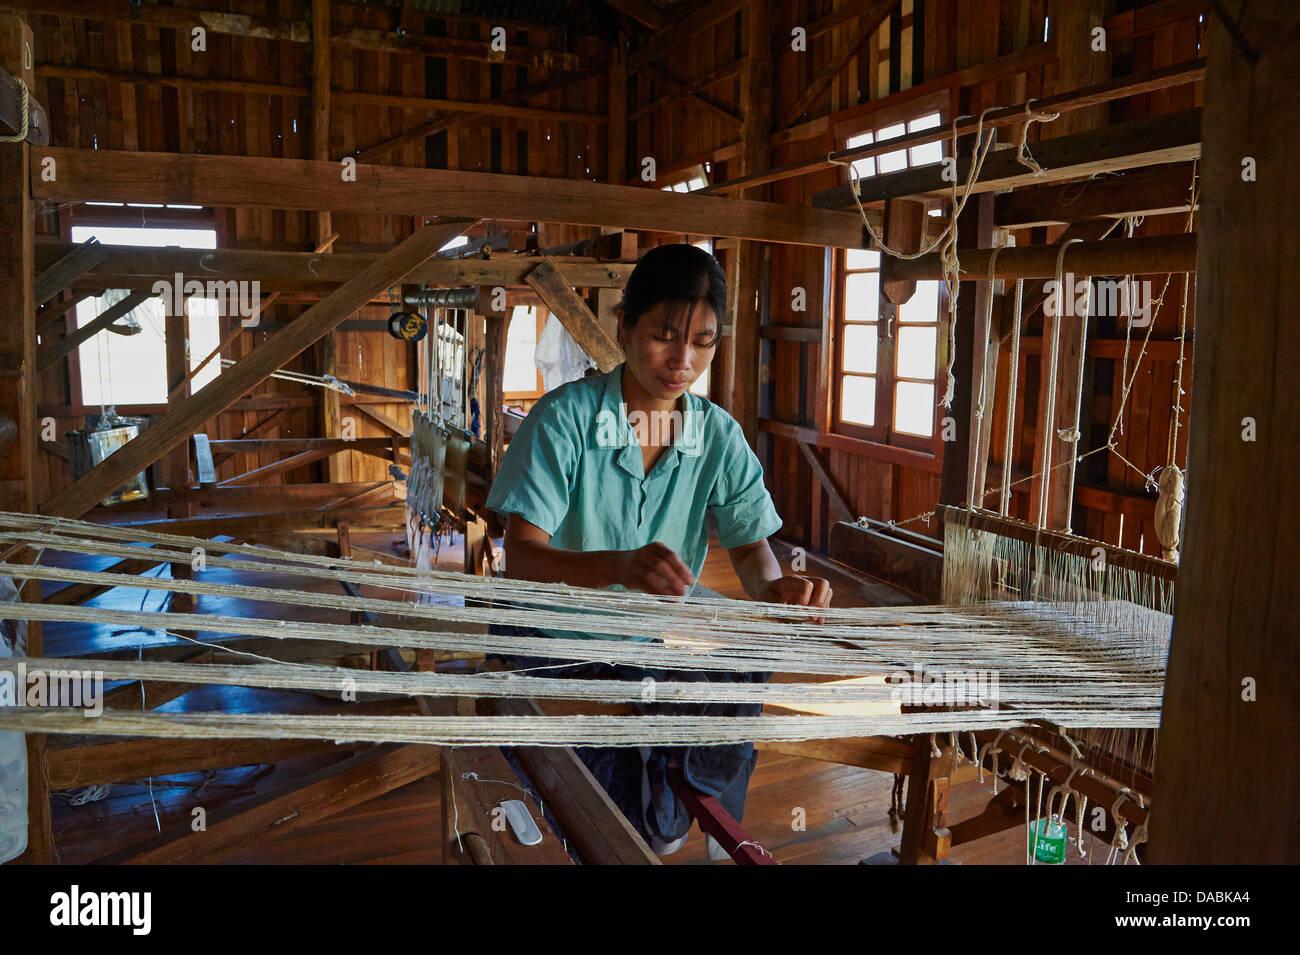 Burmese woman at loom, Nampan village, Inle Lake, Shan State, Myanmar (Burma), Asia - Stock Image